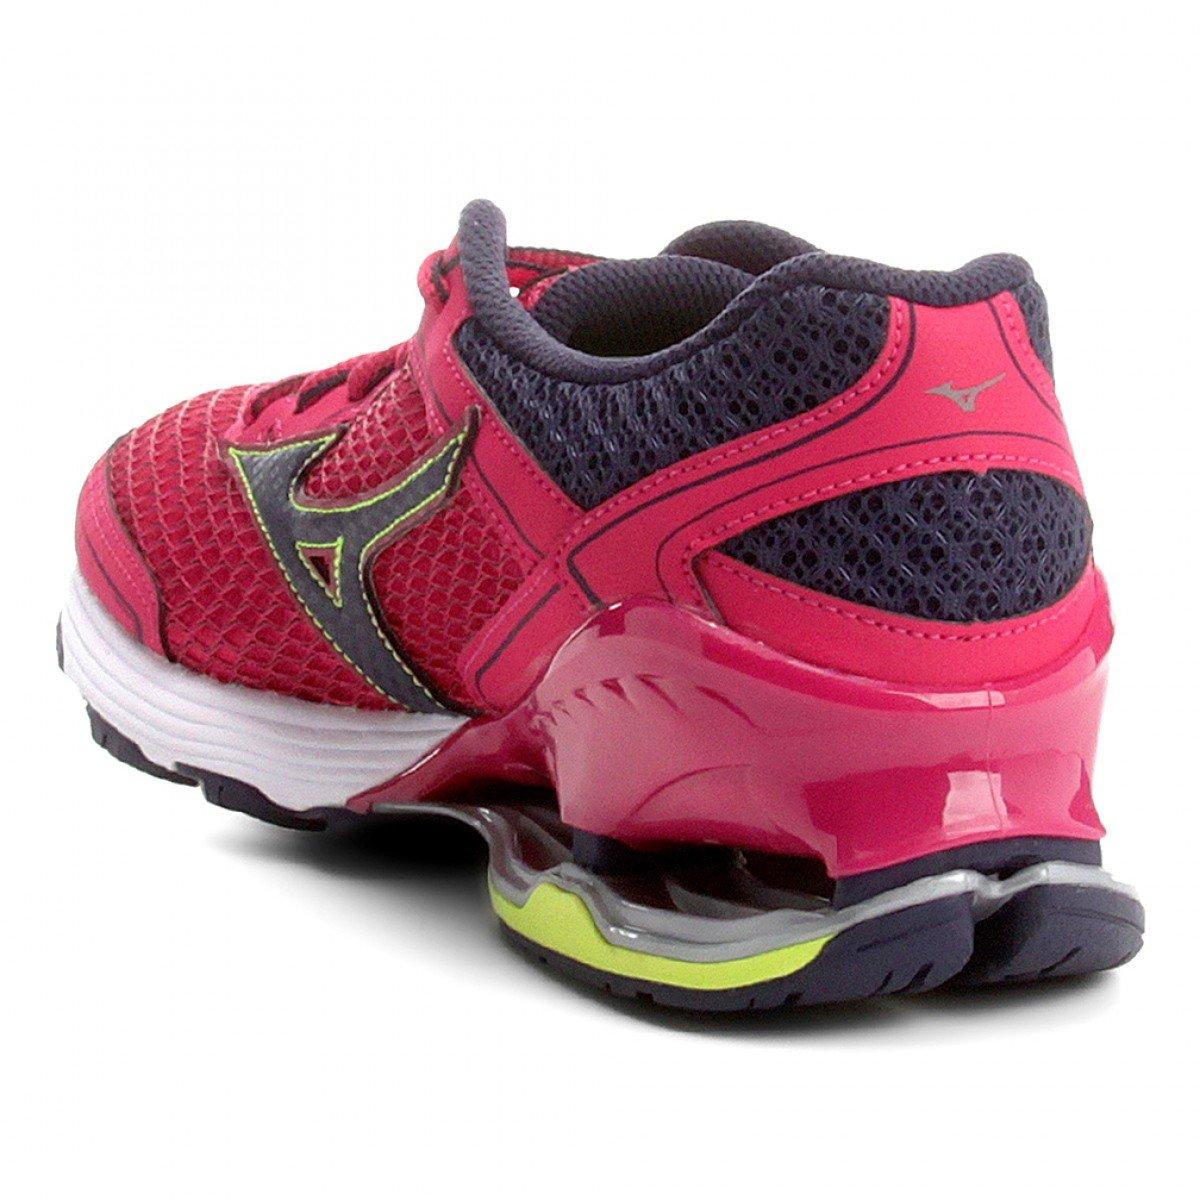 a04cfb93fa9eb Tênis Mizuno Wave Frontier 11 Feminino Rosa - Compre Agora